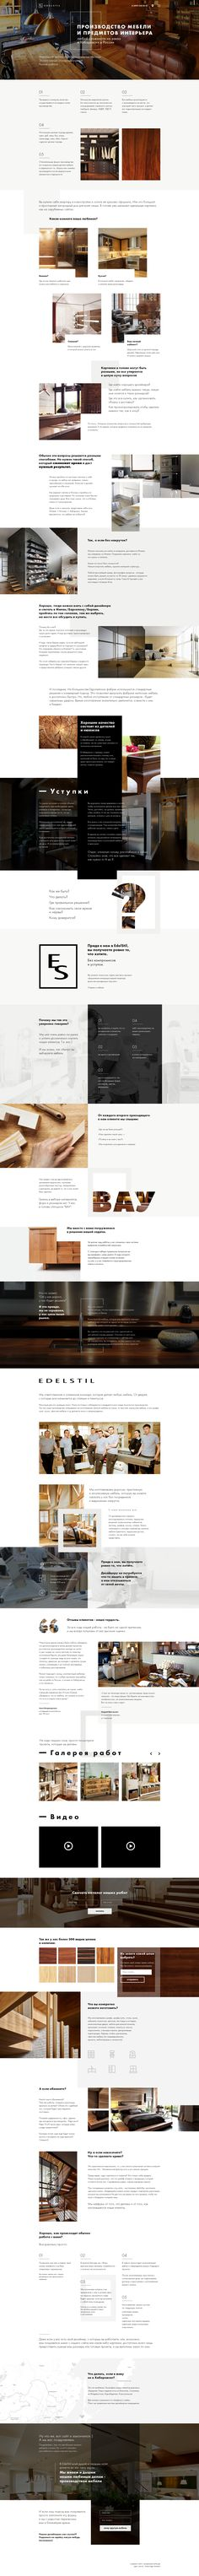 Ознакомьтесь с моим проектом @Behance: «Edelstile. Handmade furniture» https://www.behance.net/gallery/59753039/Edelstile-Handmade-furniture